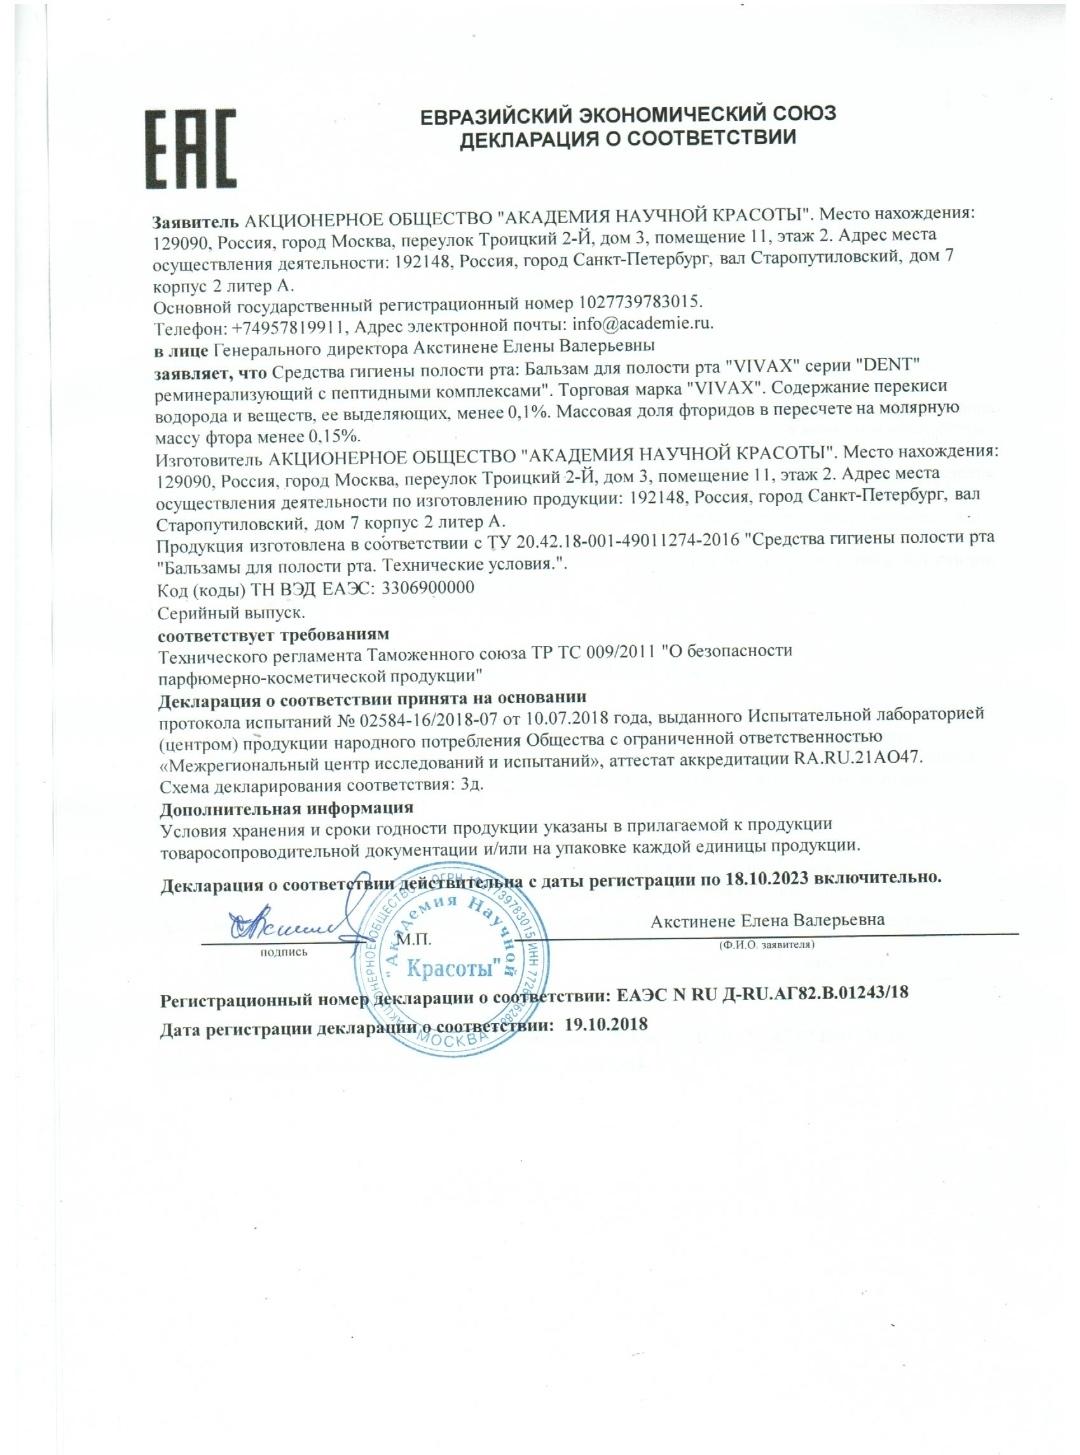 VIVAX DENT реминерализующий бальзам - Декларация соответствия